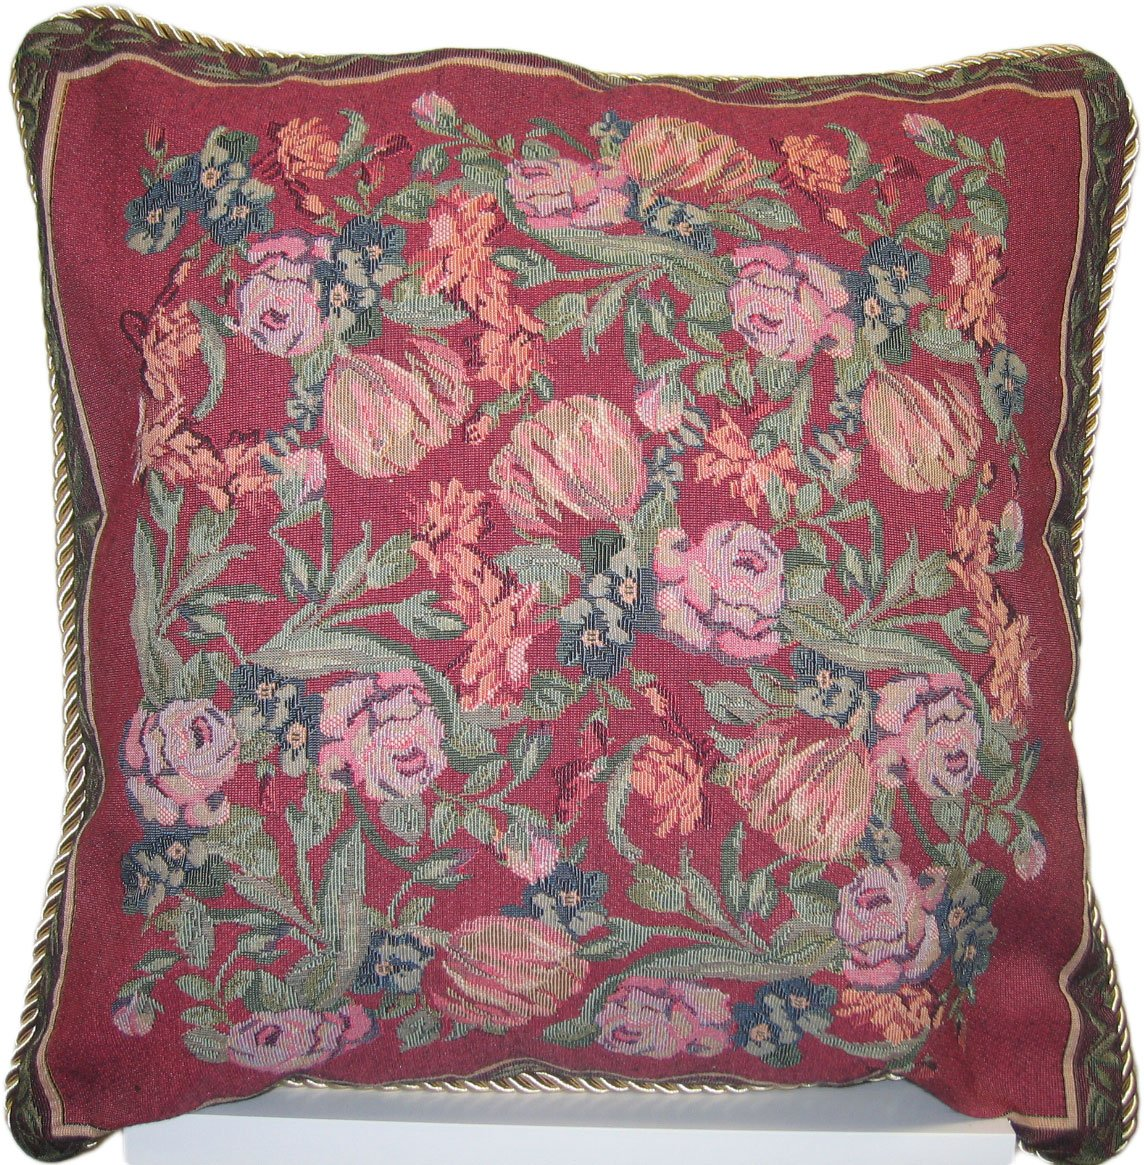 Amazon.com: DADA ropa de cama dp-5594 de campo de rosas ...